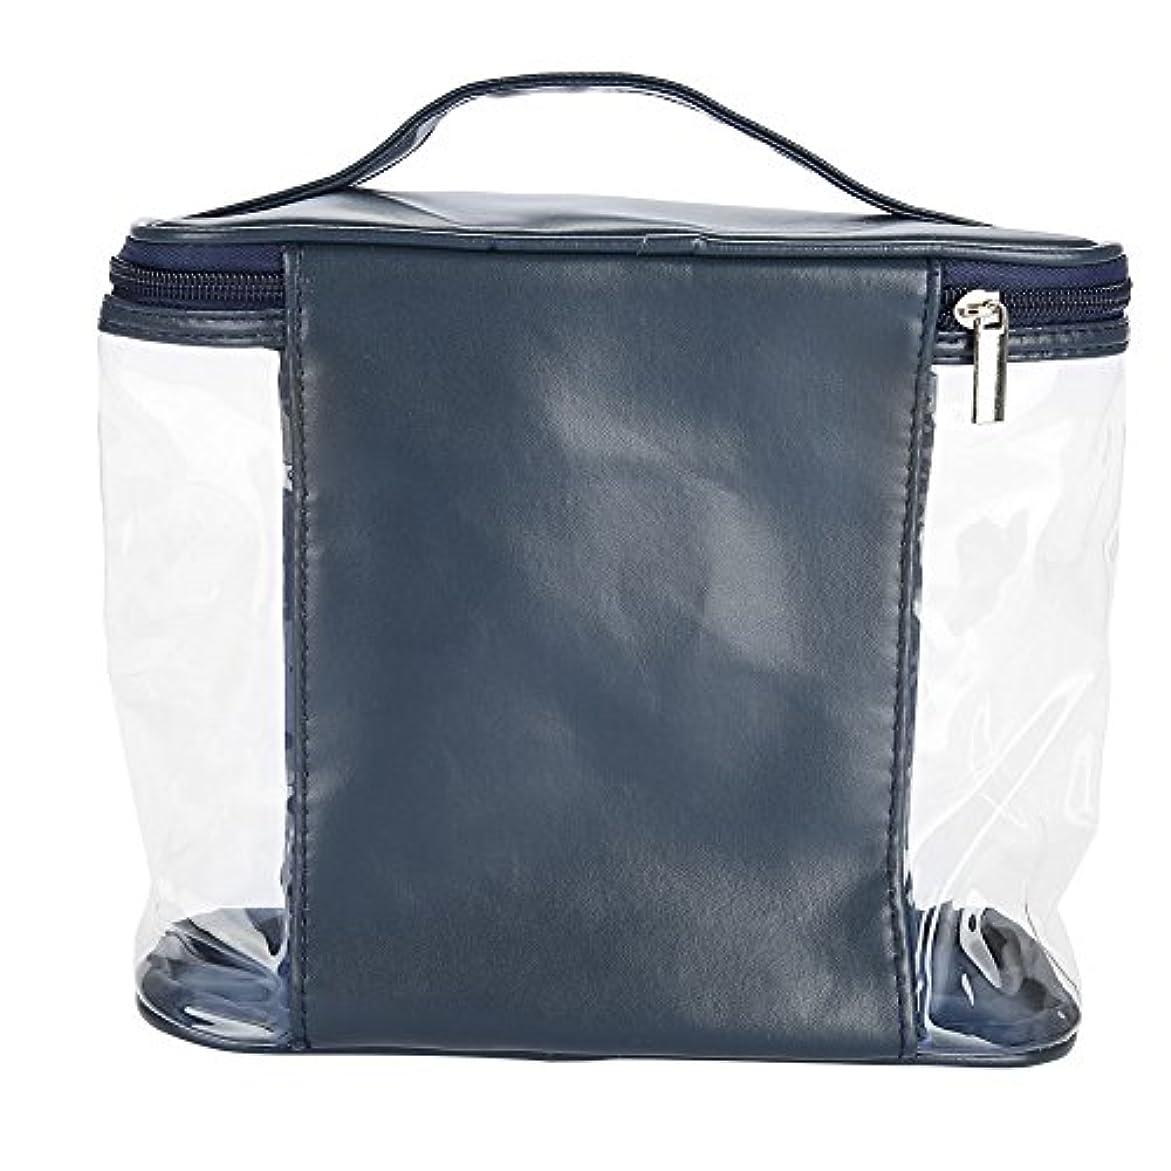 死すべき敬意を表してカテゴリー化粧ポーチ 収納 透明バッグ トイレタリーバッグ バスルームポーチ コスメ収納 透明バッグ 洗顔 旅行 出張用 防水 大容量